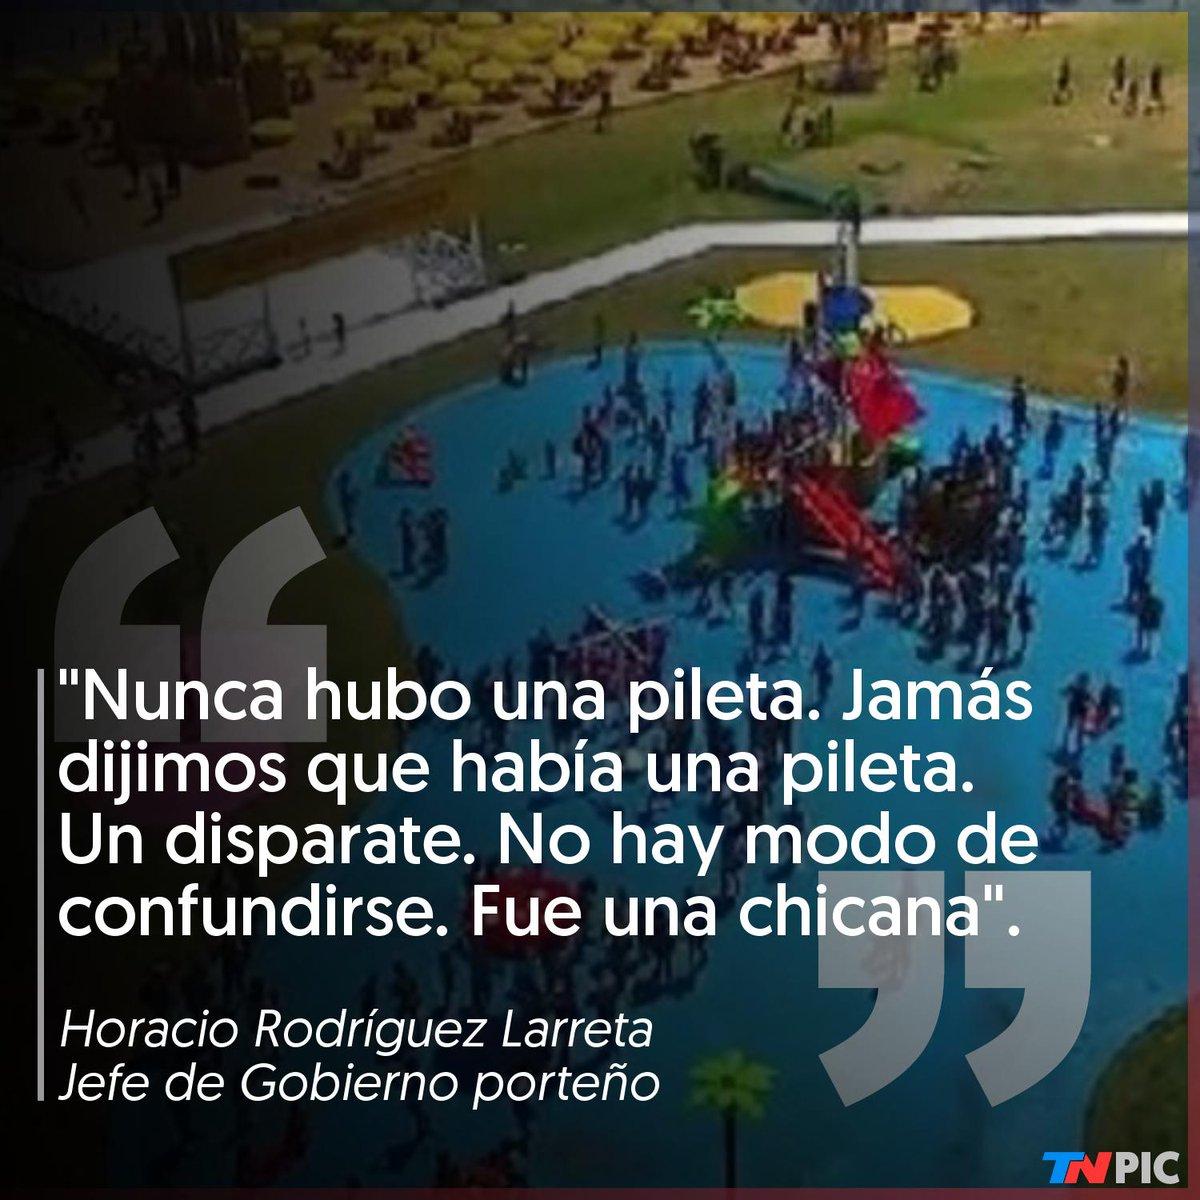 """test Twitter Media - Horacio Rodríguez Larreta defendió """"Buenos Aires Playa"""" y dijo que las críticas a los juegos con rociadores de agua fueron """"una chicana"""": """"Nunca dijimos que era una pileta"""" https://t.co/7qk1PD4JUU https://t.co/ROhbKr6ZDK"""